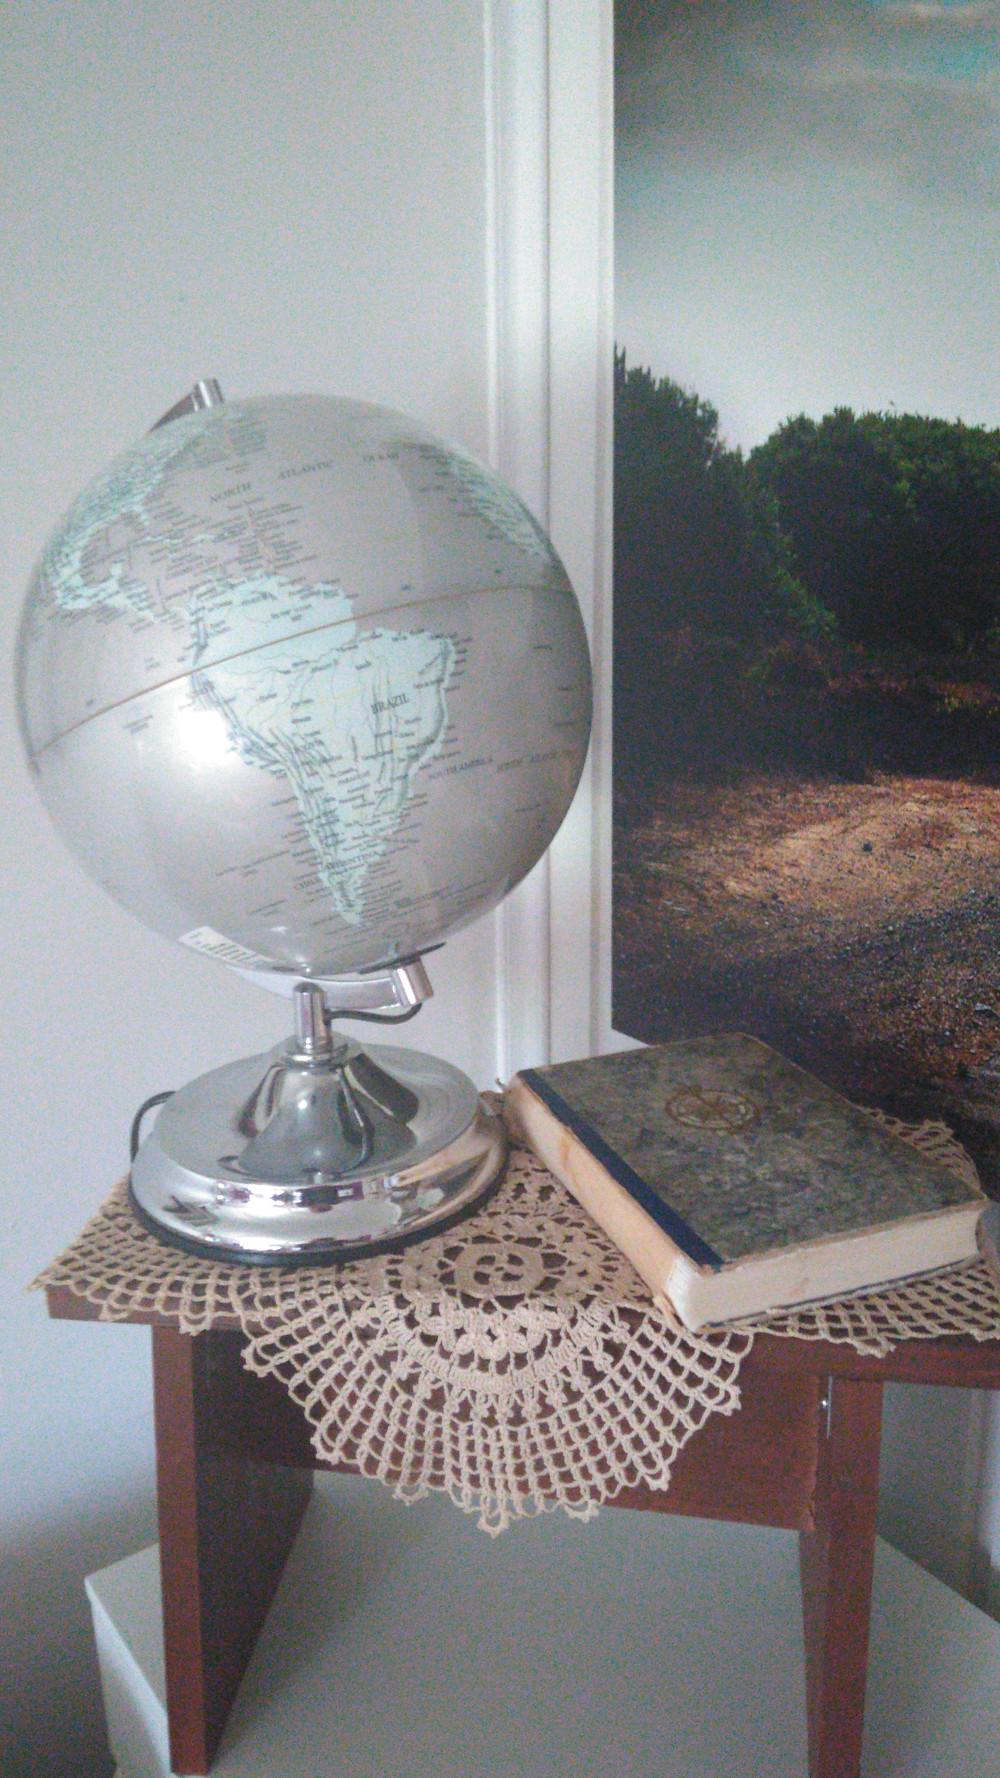 Ruhtinaallinen retki romantiikan maille on kirja, mikä houkuttelee suunnittelemaan uusia matkoja.